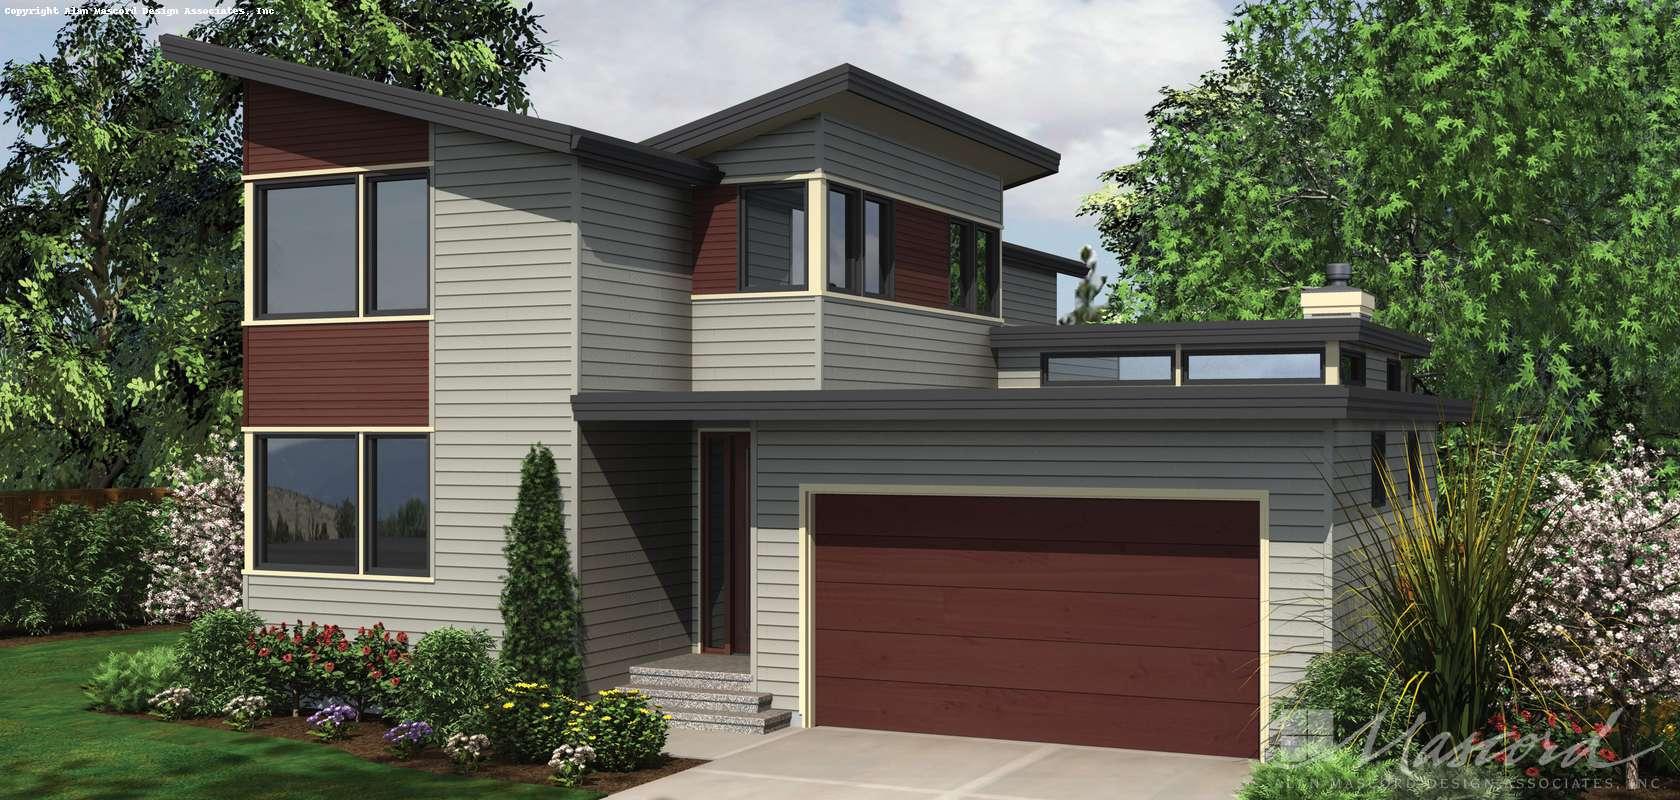 Mascord House Plan 22179A: The Aidenhead